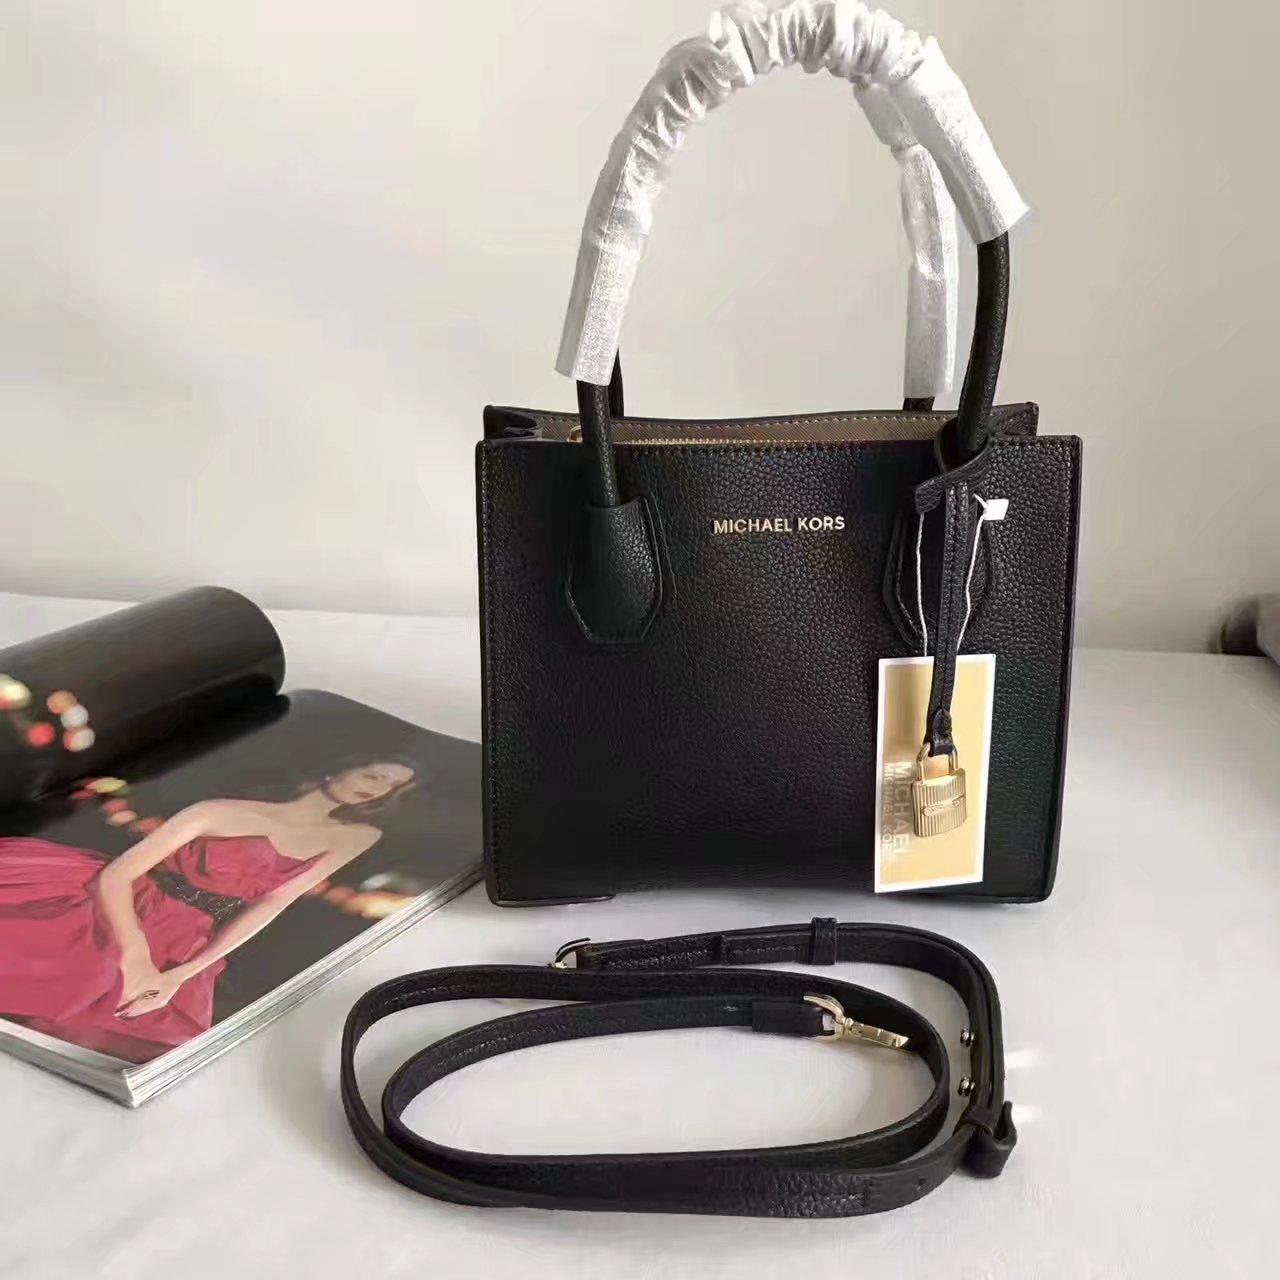 Michael Kors Mercer Leather Crossbody Black